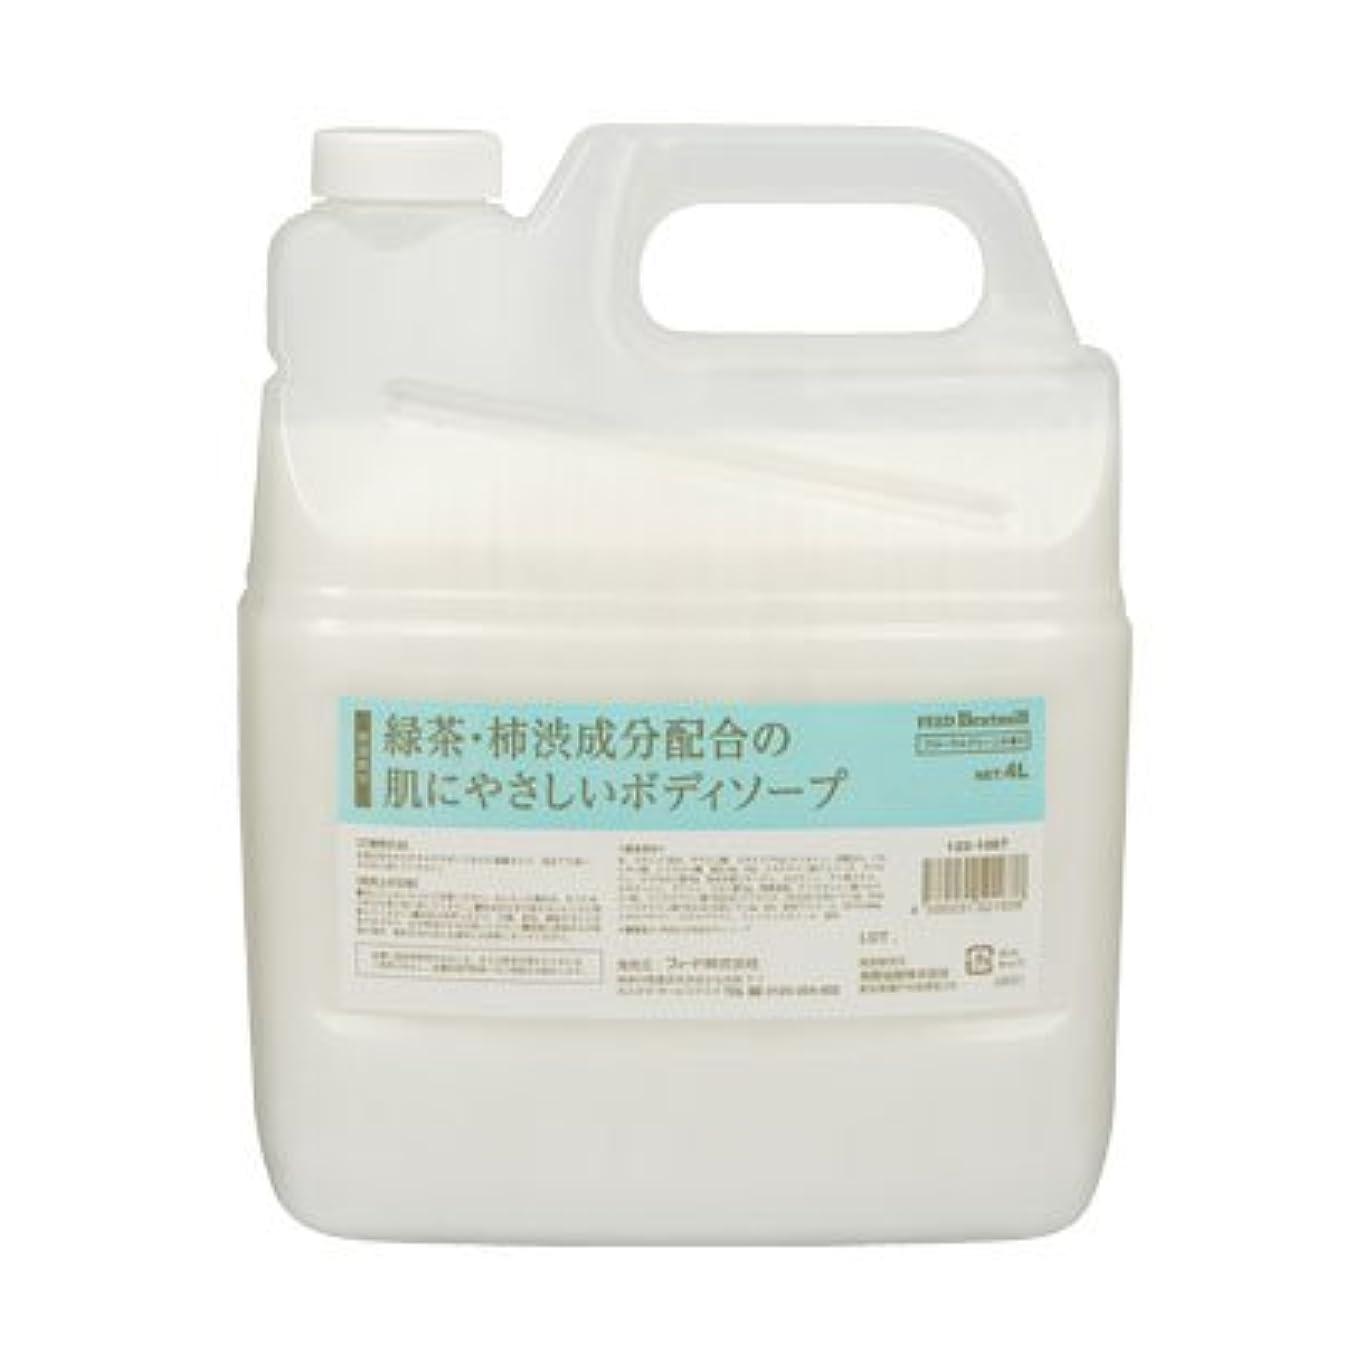 化学投獄欺【業務用】 FEED(フィード) 緑茶?柿渋成分配合の肌にやさしいボディソープ/4L 石けん 入数 1本